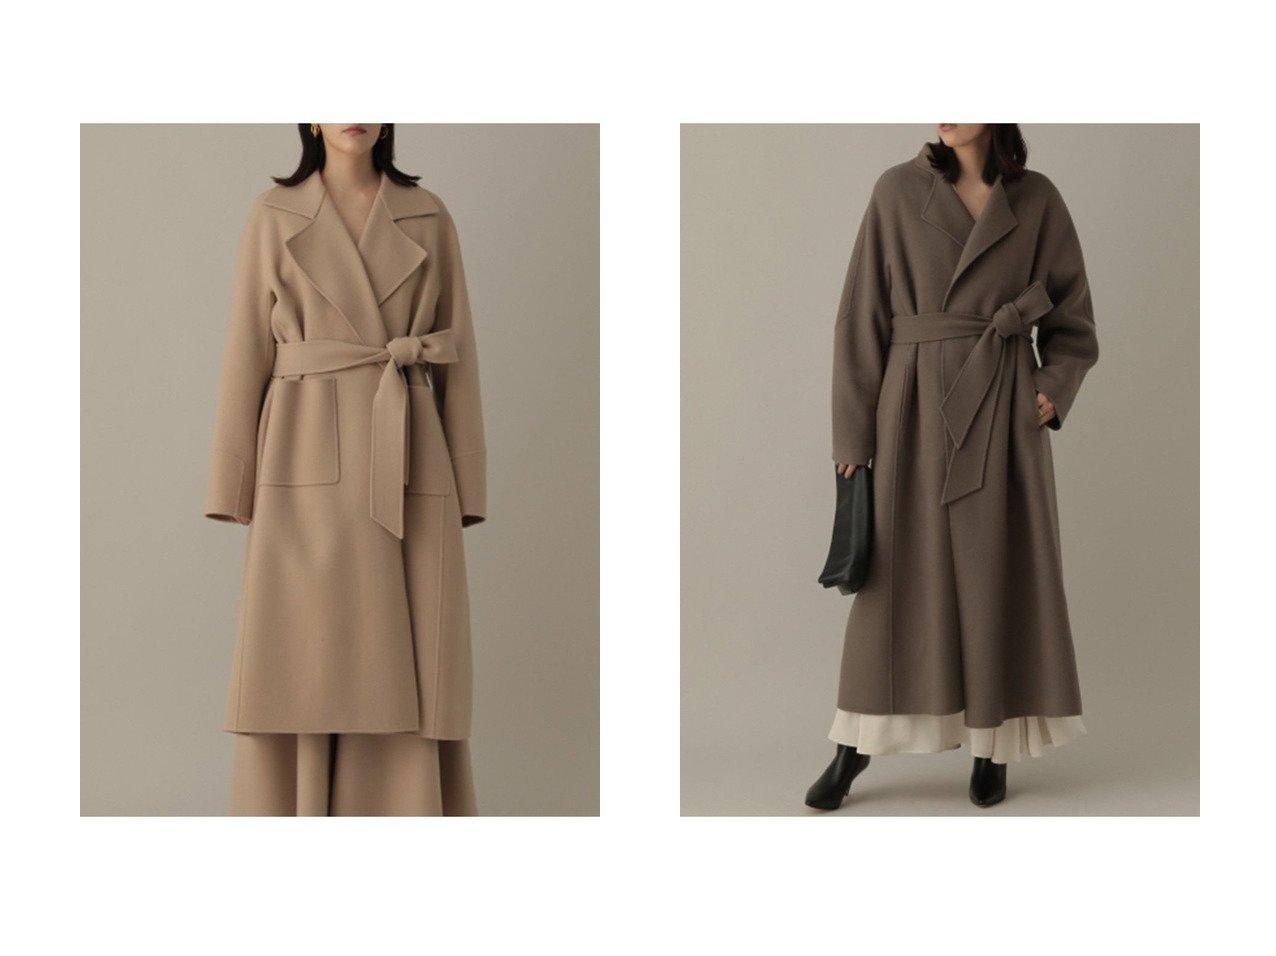 【Chaos/カオス】のスーペリアガロン ロングダブルコート&アールスーペリアノーカラーコート 【アウター】おすすめ!人気、トレンド・レディースファッションの通販 おすすめで人気の流行・トレンド、ファッションの通販商品 インテリア・家具・メンズファッション・キッズファッション・レディースファッション・服の通販 founy(ファニー) https://founy.com/ ファッション Fashion レディースファッション WOMEN アウター Coat Outerwear コート Coats 2021年 2021 2021-2022秋冬・A/W AW・Autumn/Winter・FW・Fall-Winter・2021-2022 A/W・秋冬 AW・Autumn/Winter・FW・Fall-Winter おすすめ Recommend セットアップ ダブル メルトン 人気 |ID:crp329100000054075